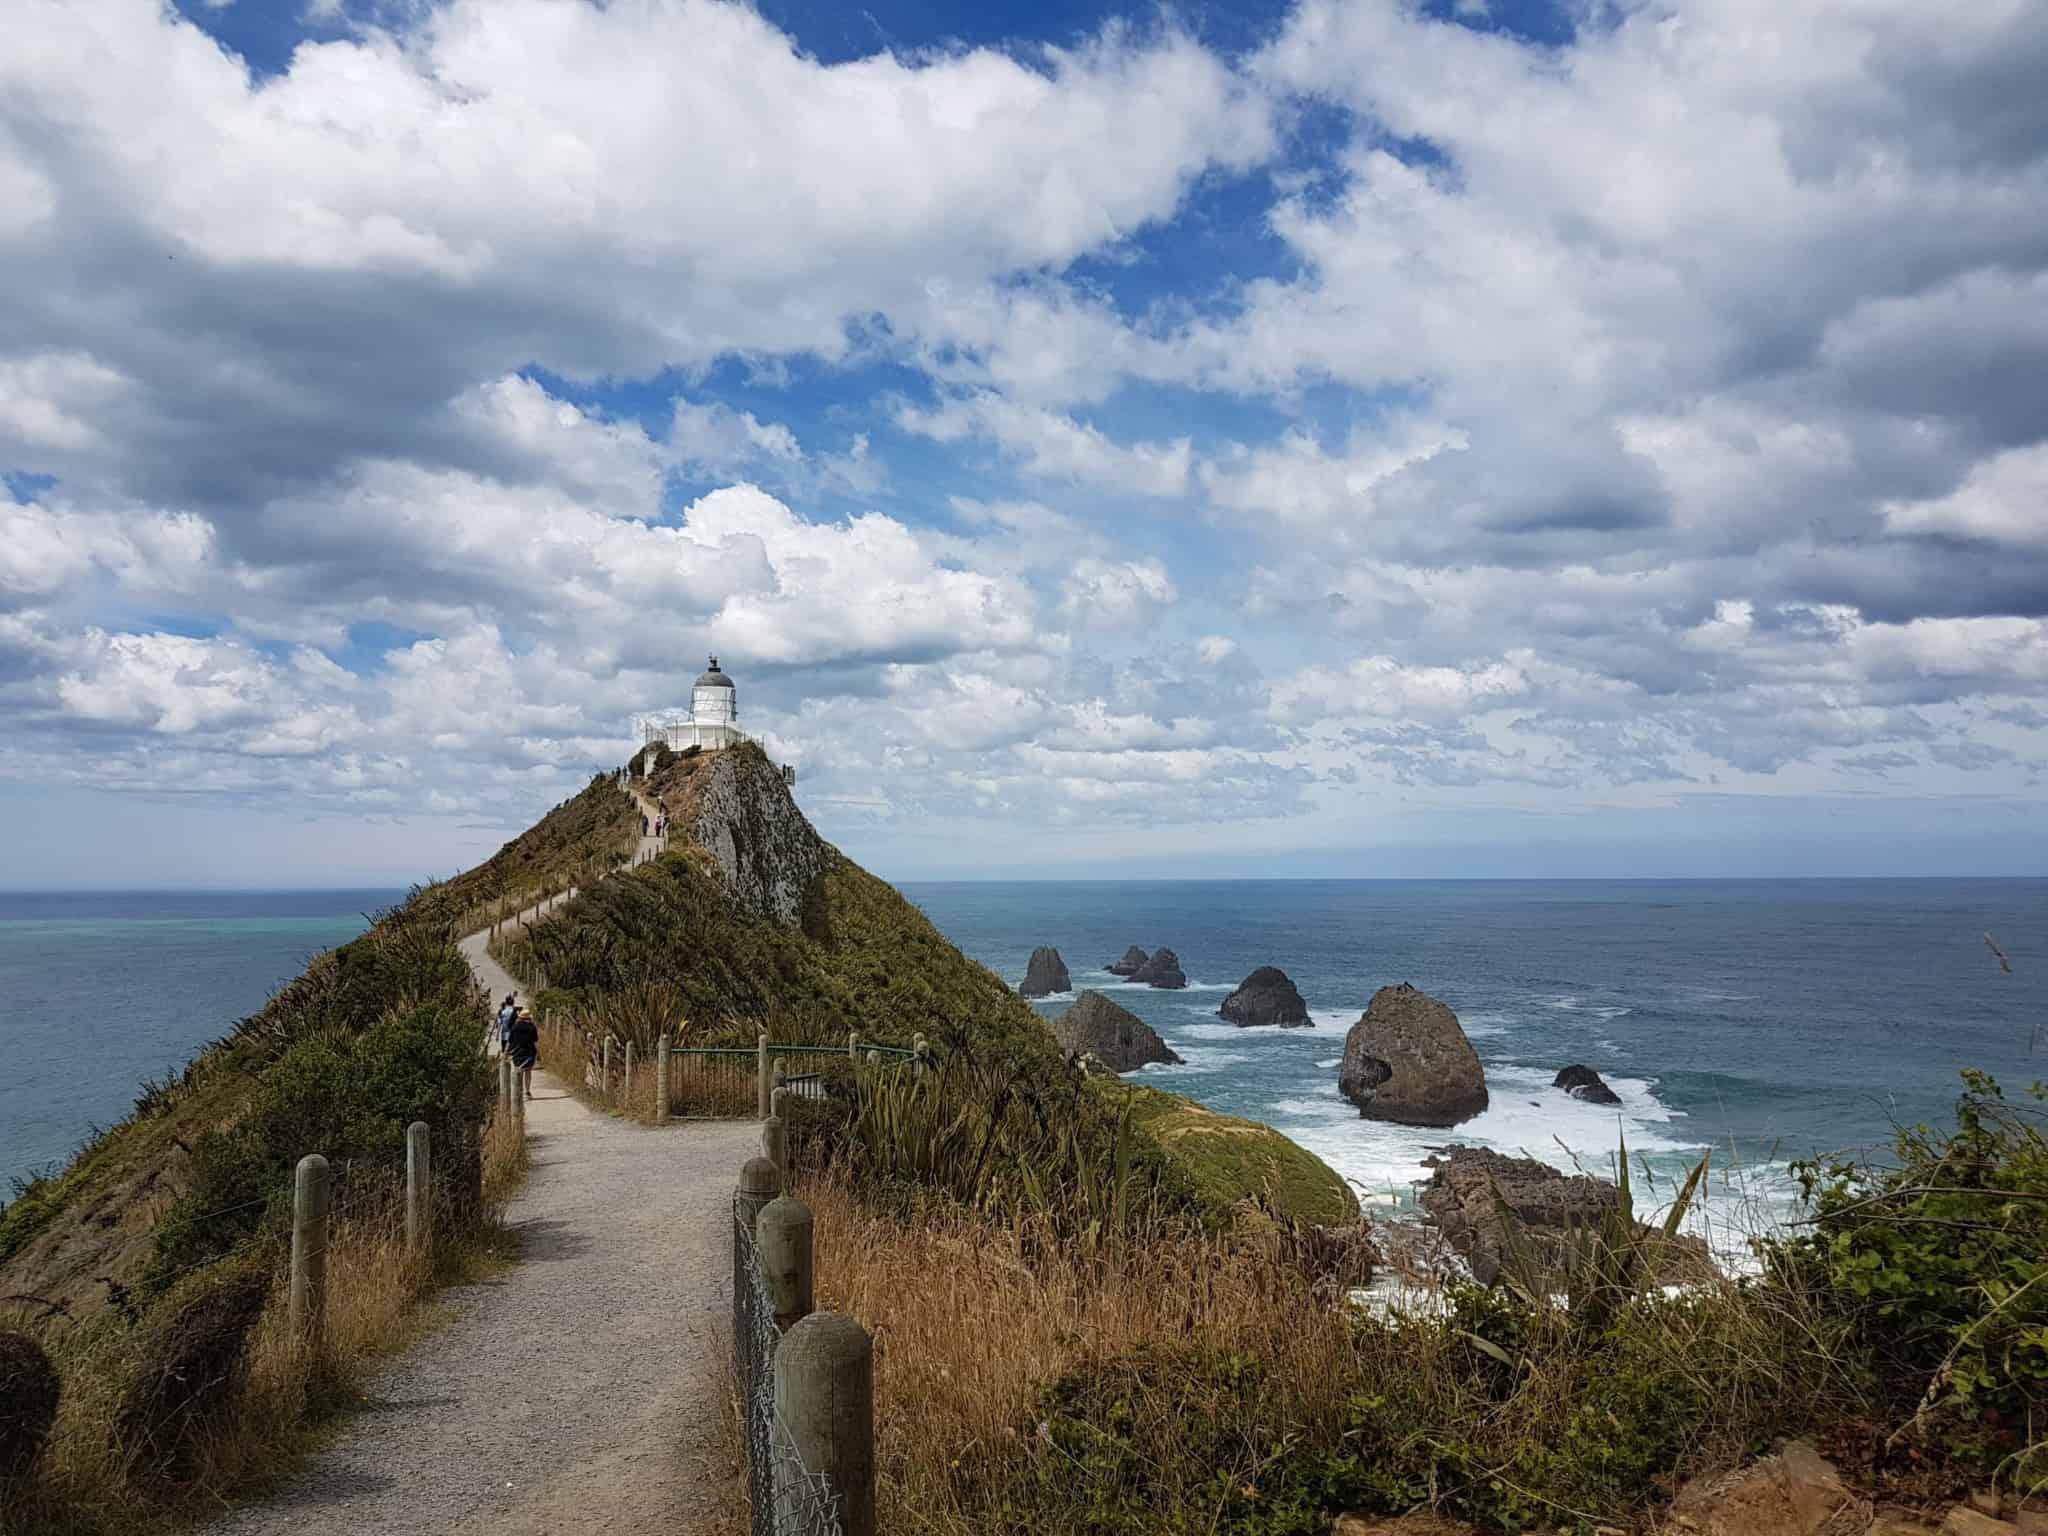 Nouvelle-Zélande, rencontre avec les pingouins aux yeux jaunes 🐧 18